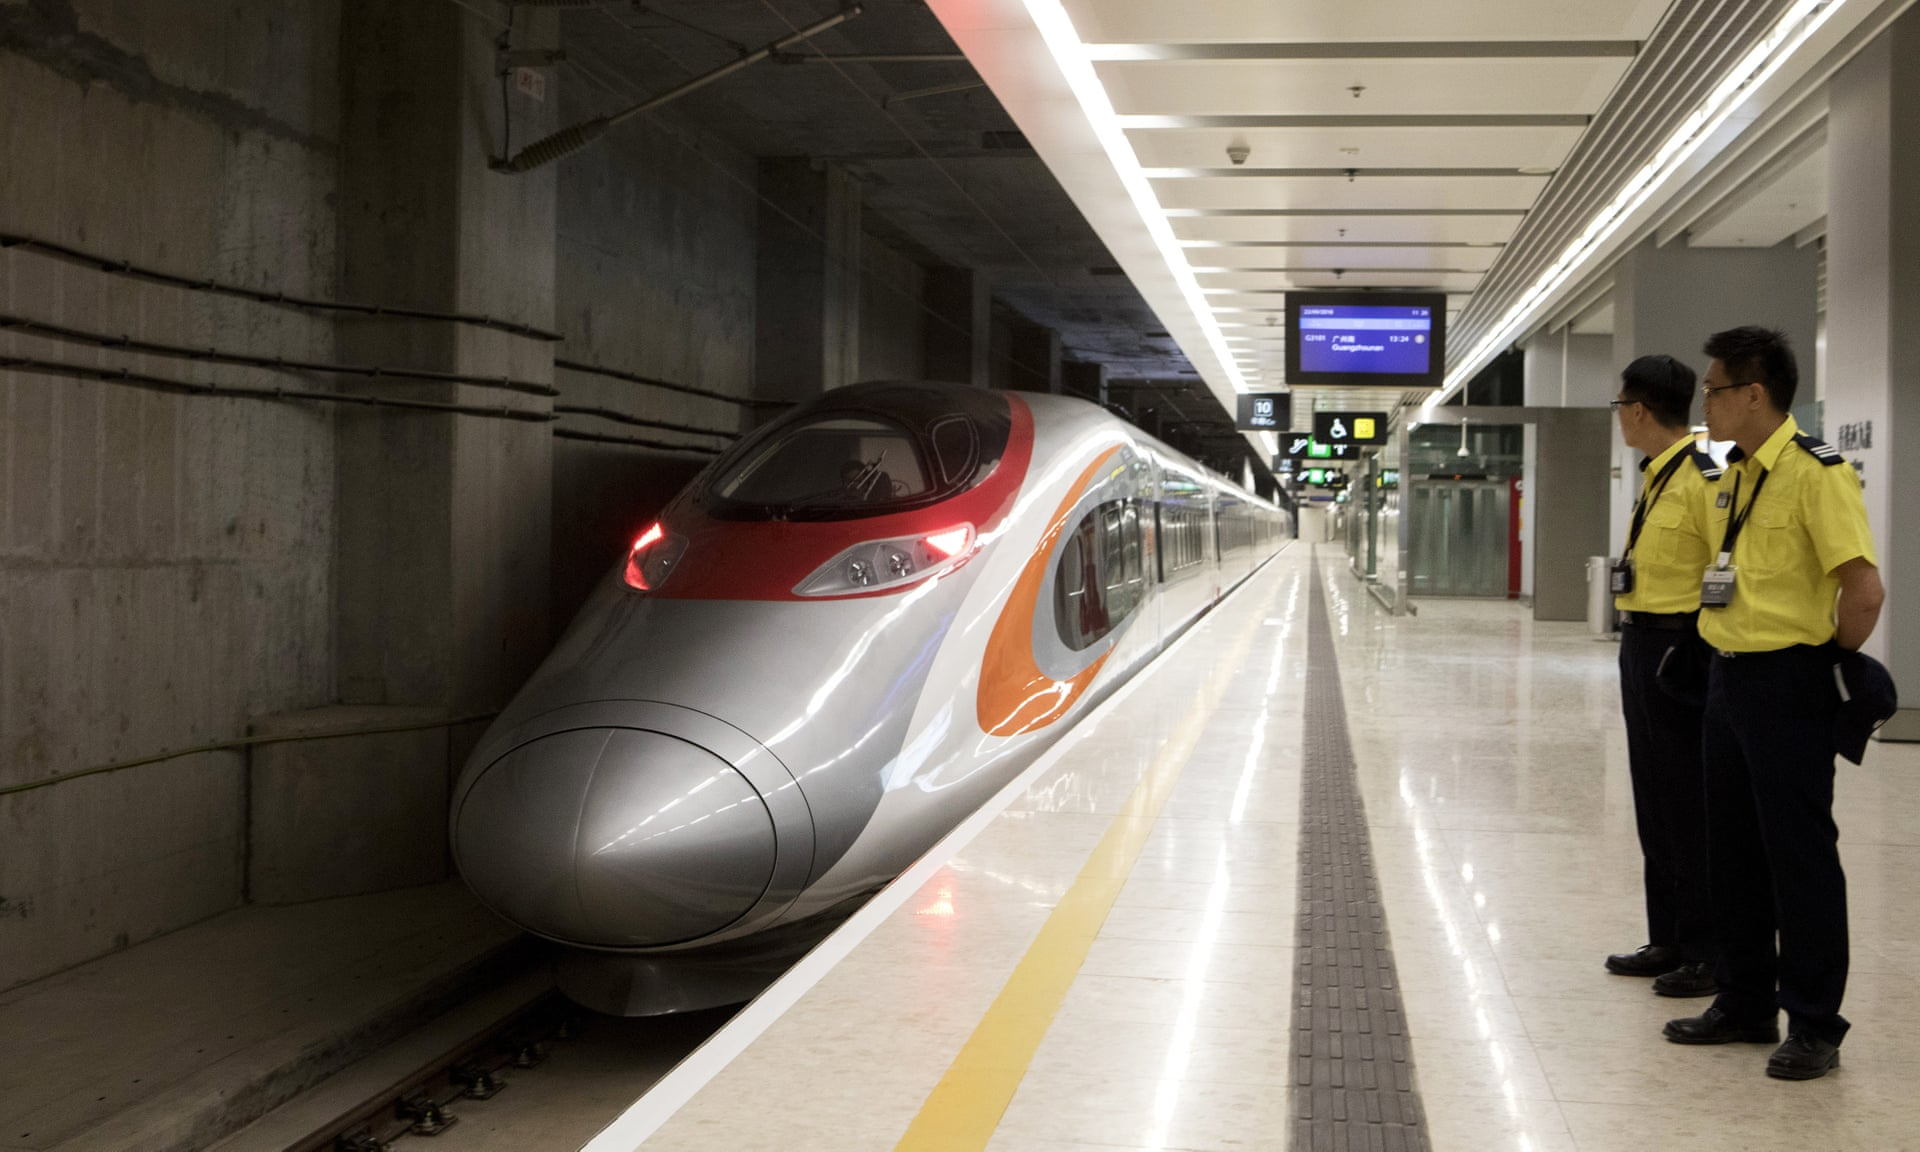 Hong Kong khai trương tuyến cao tốc đi Trung Quốc đại lục